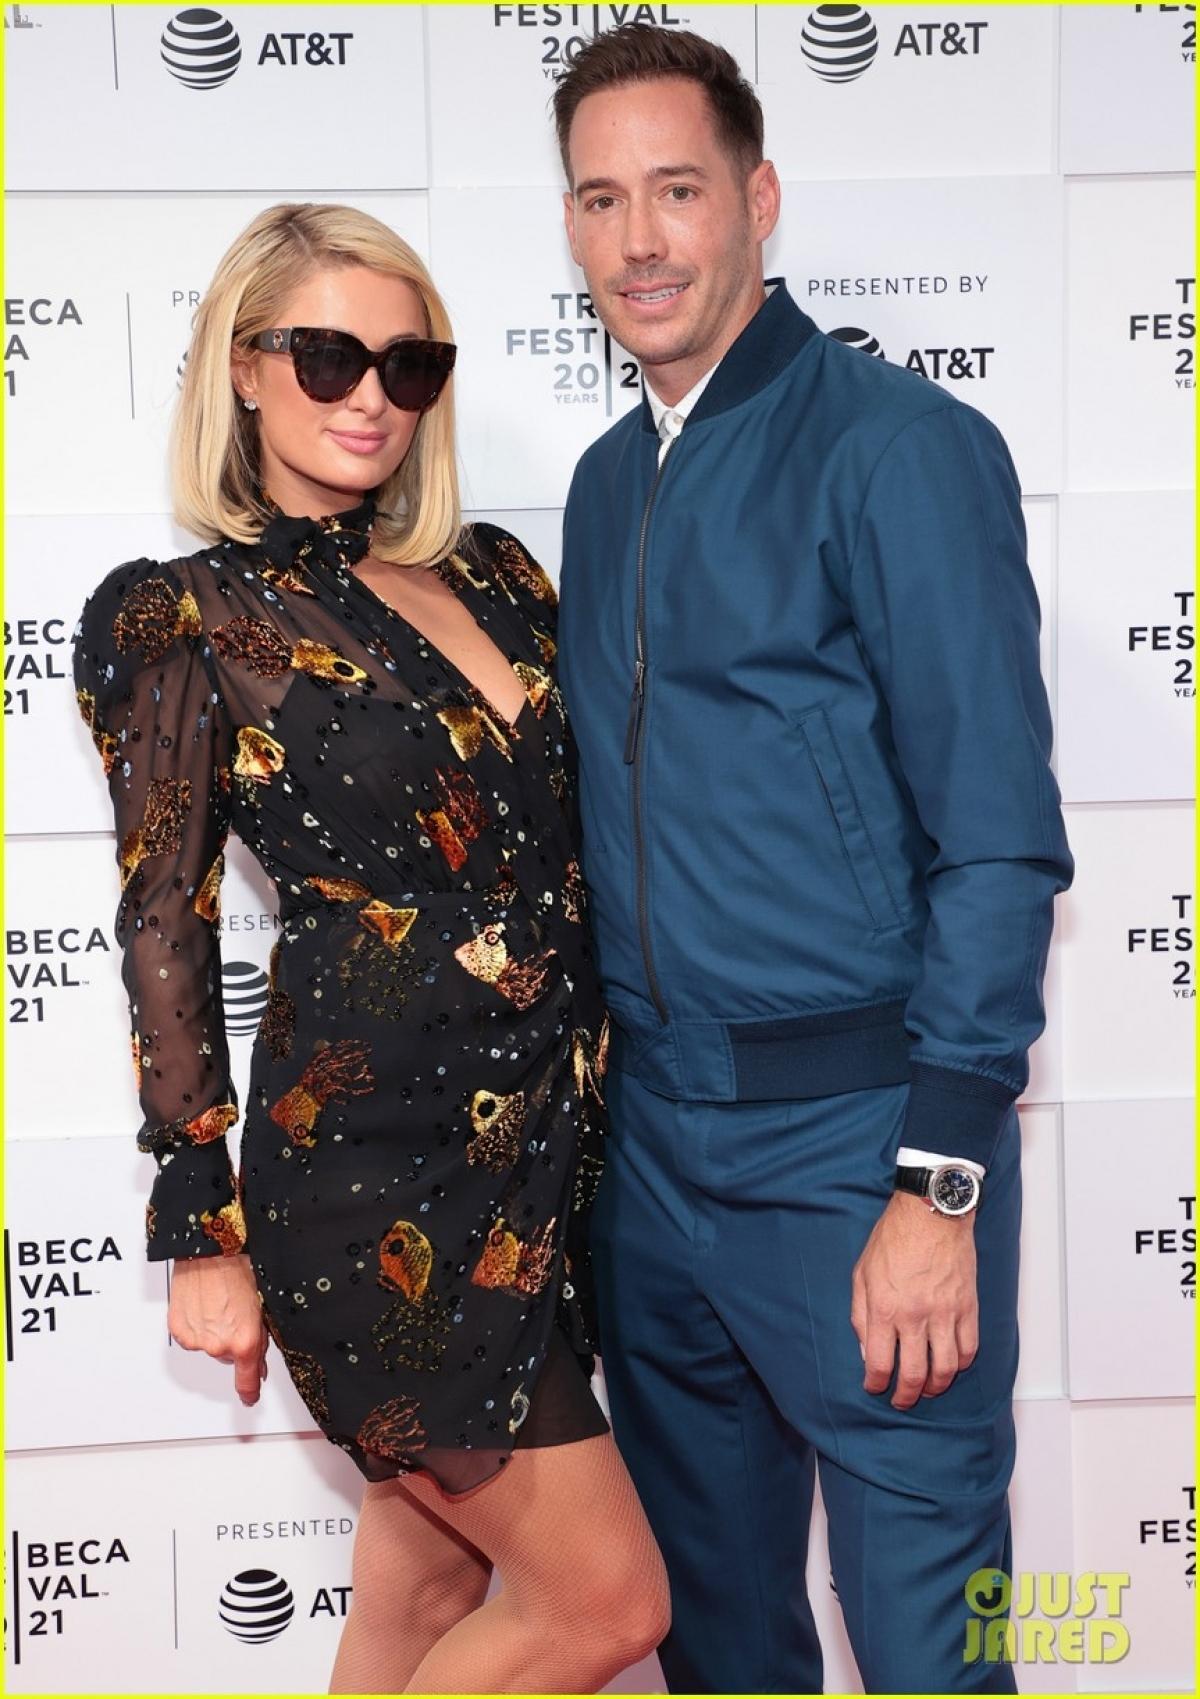 Vào tháng trước, Paris tiết lộ rằng cô đã đi thụ tinh trong ống nghiệm với bạn trai để có con./.